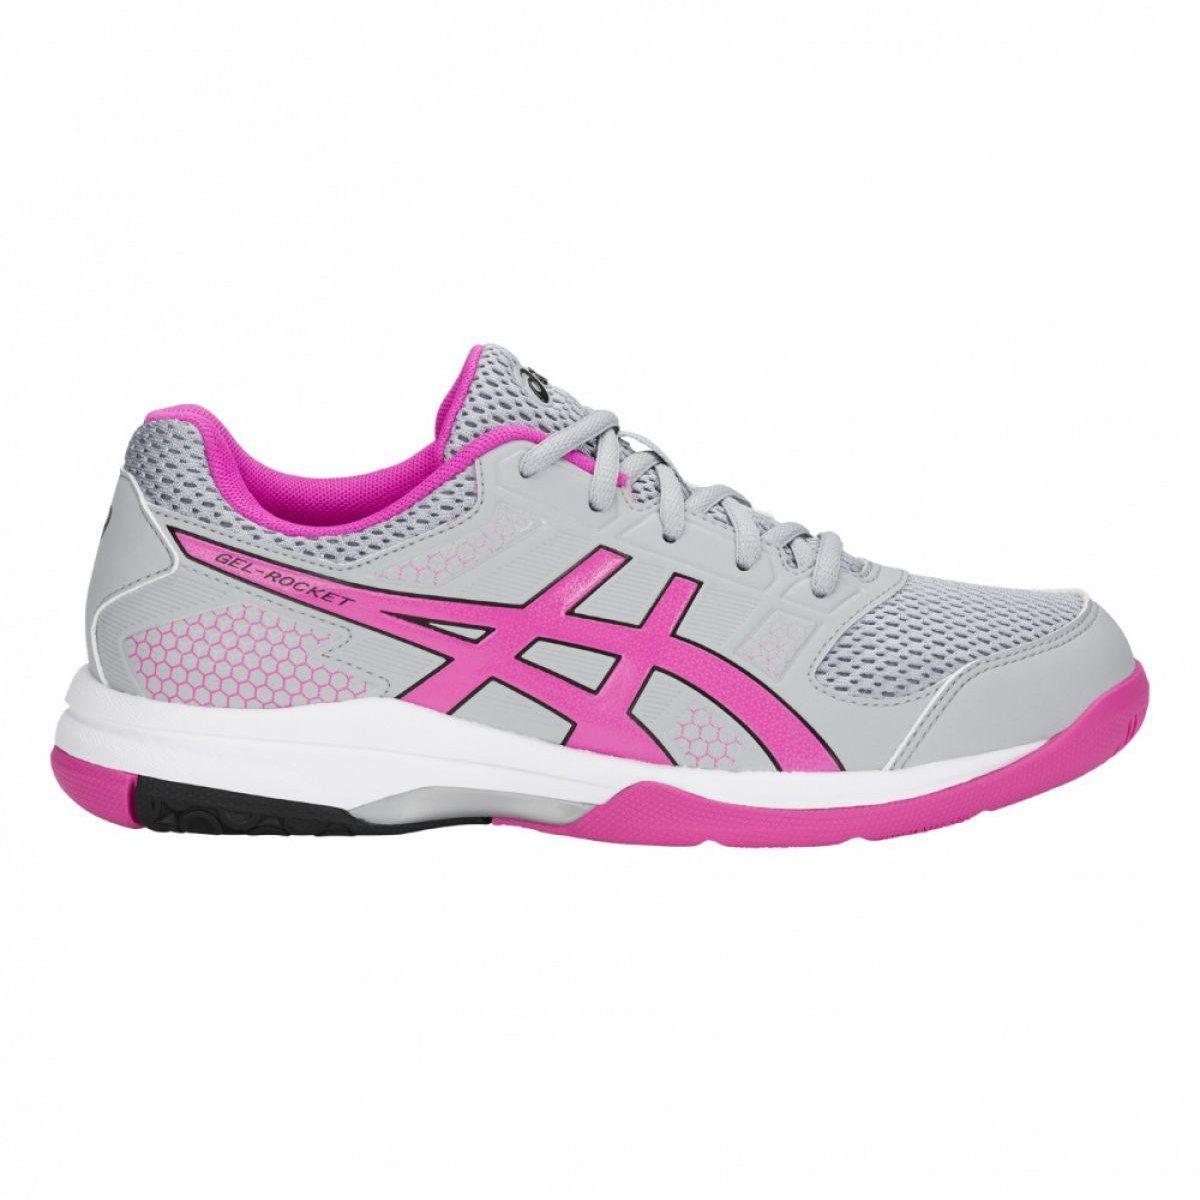 Asics Gel Rocket 8 W Volleyball Shoes B756y 020 Grey Grey Volleyball Shoes Asics Women Gel Asics Women